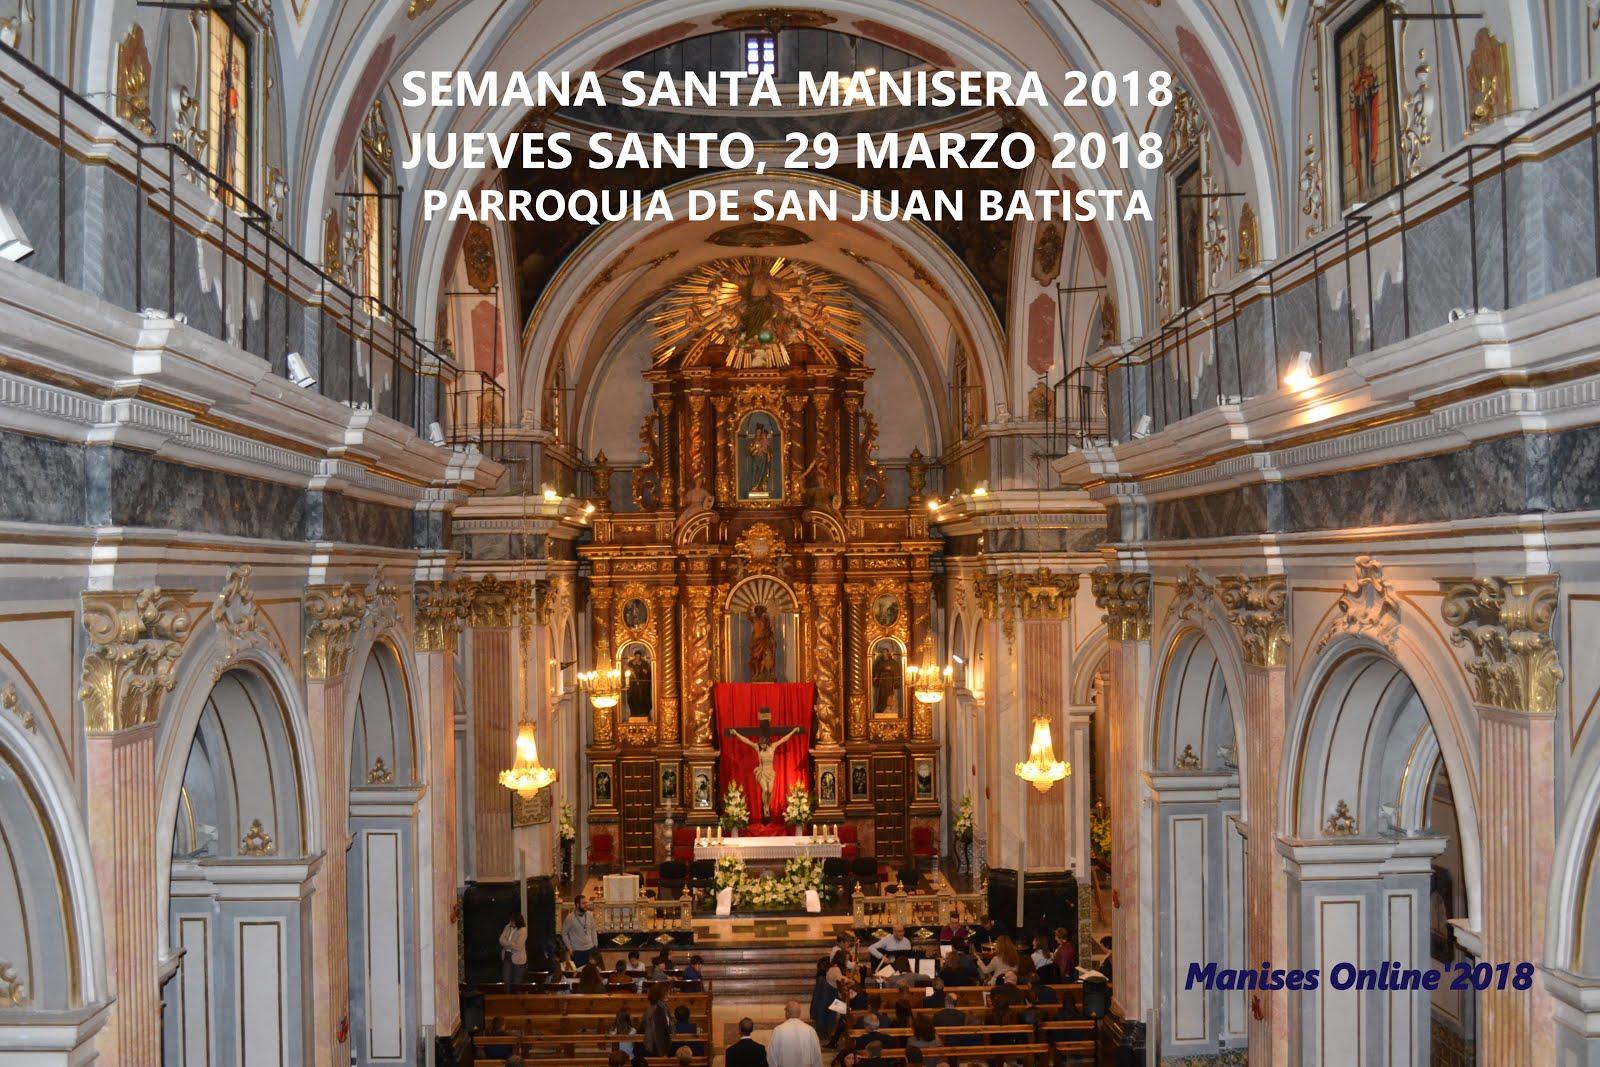 29.03.18 SEMANA SANTA MANISERA: ACTOS LITÚRGICOS CON EL LAVATORIO DE PIES